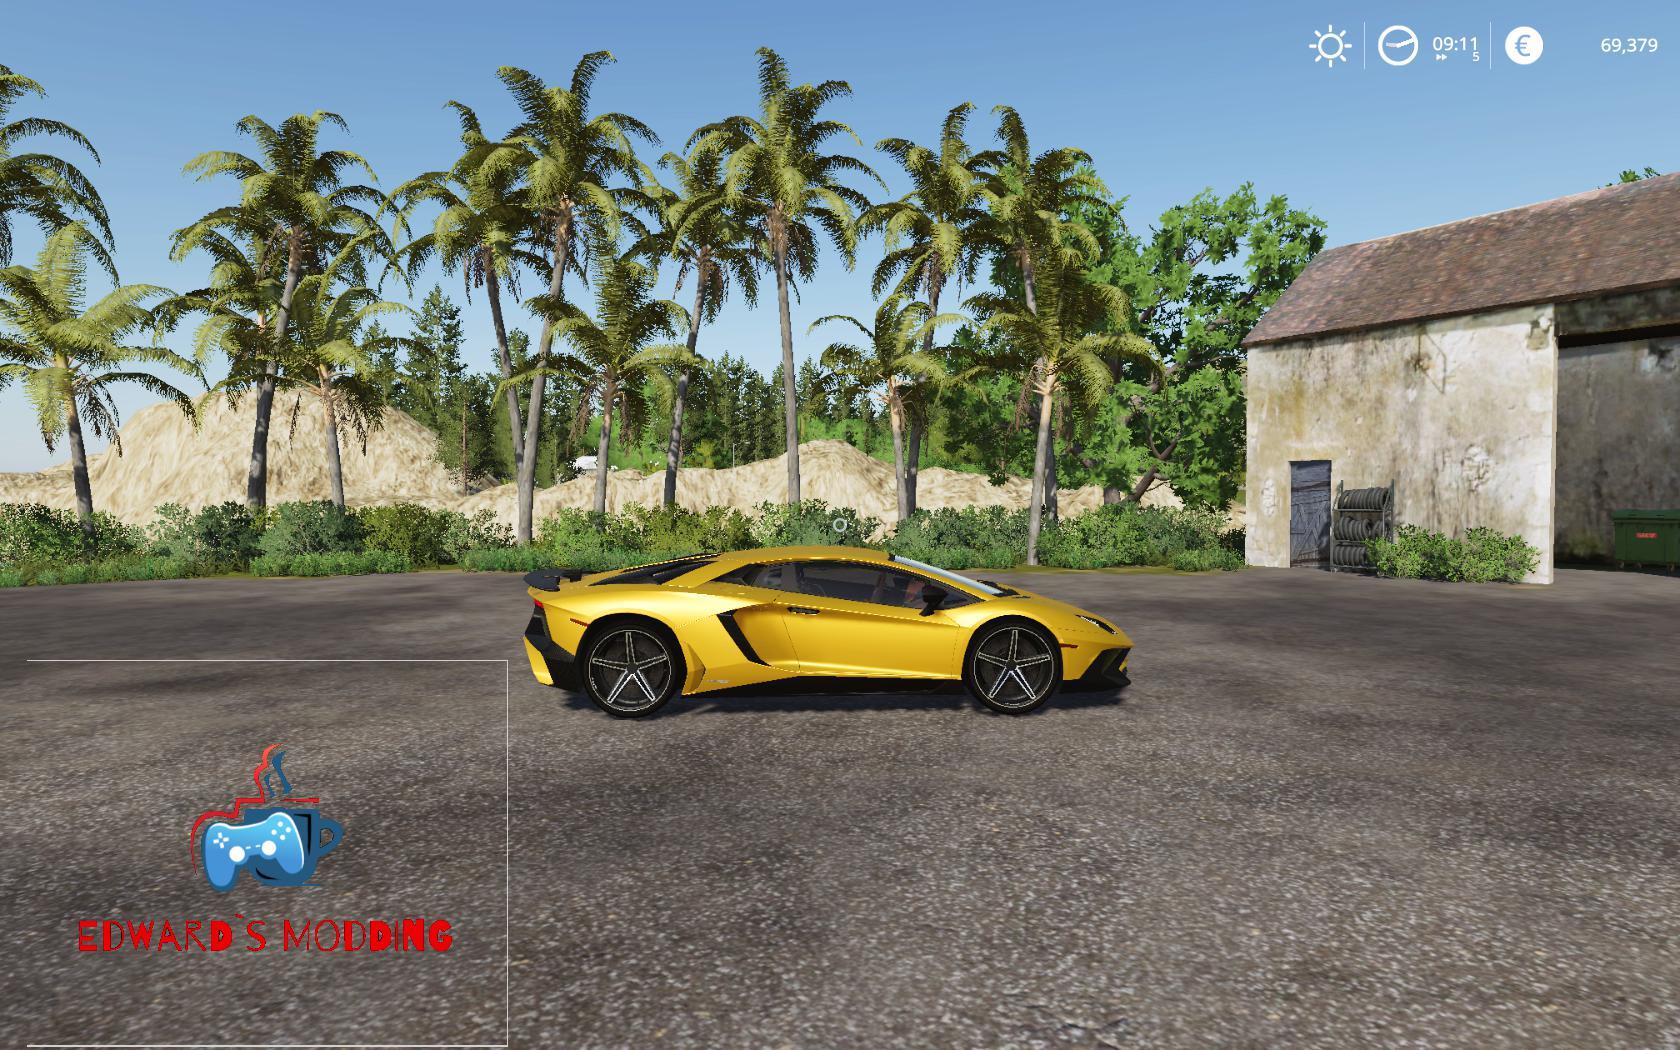 FS 19 Aventador LP750 v2.0 - Farming Simulator 19 mod ...